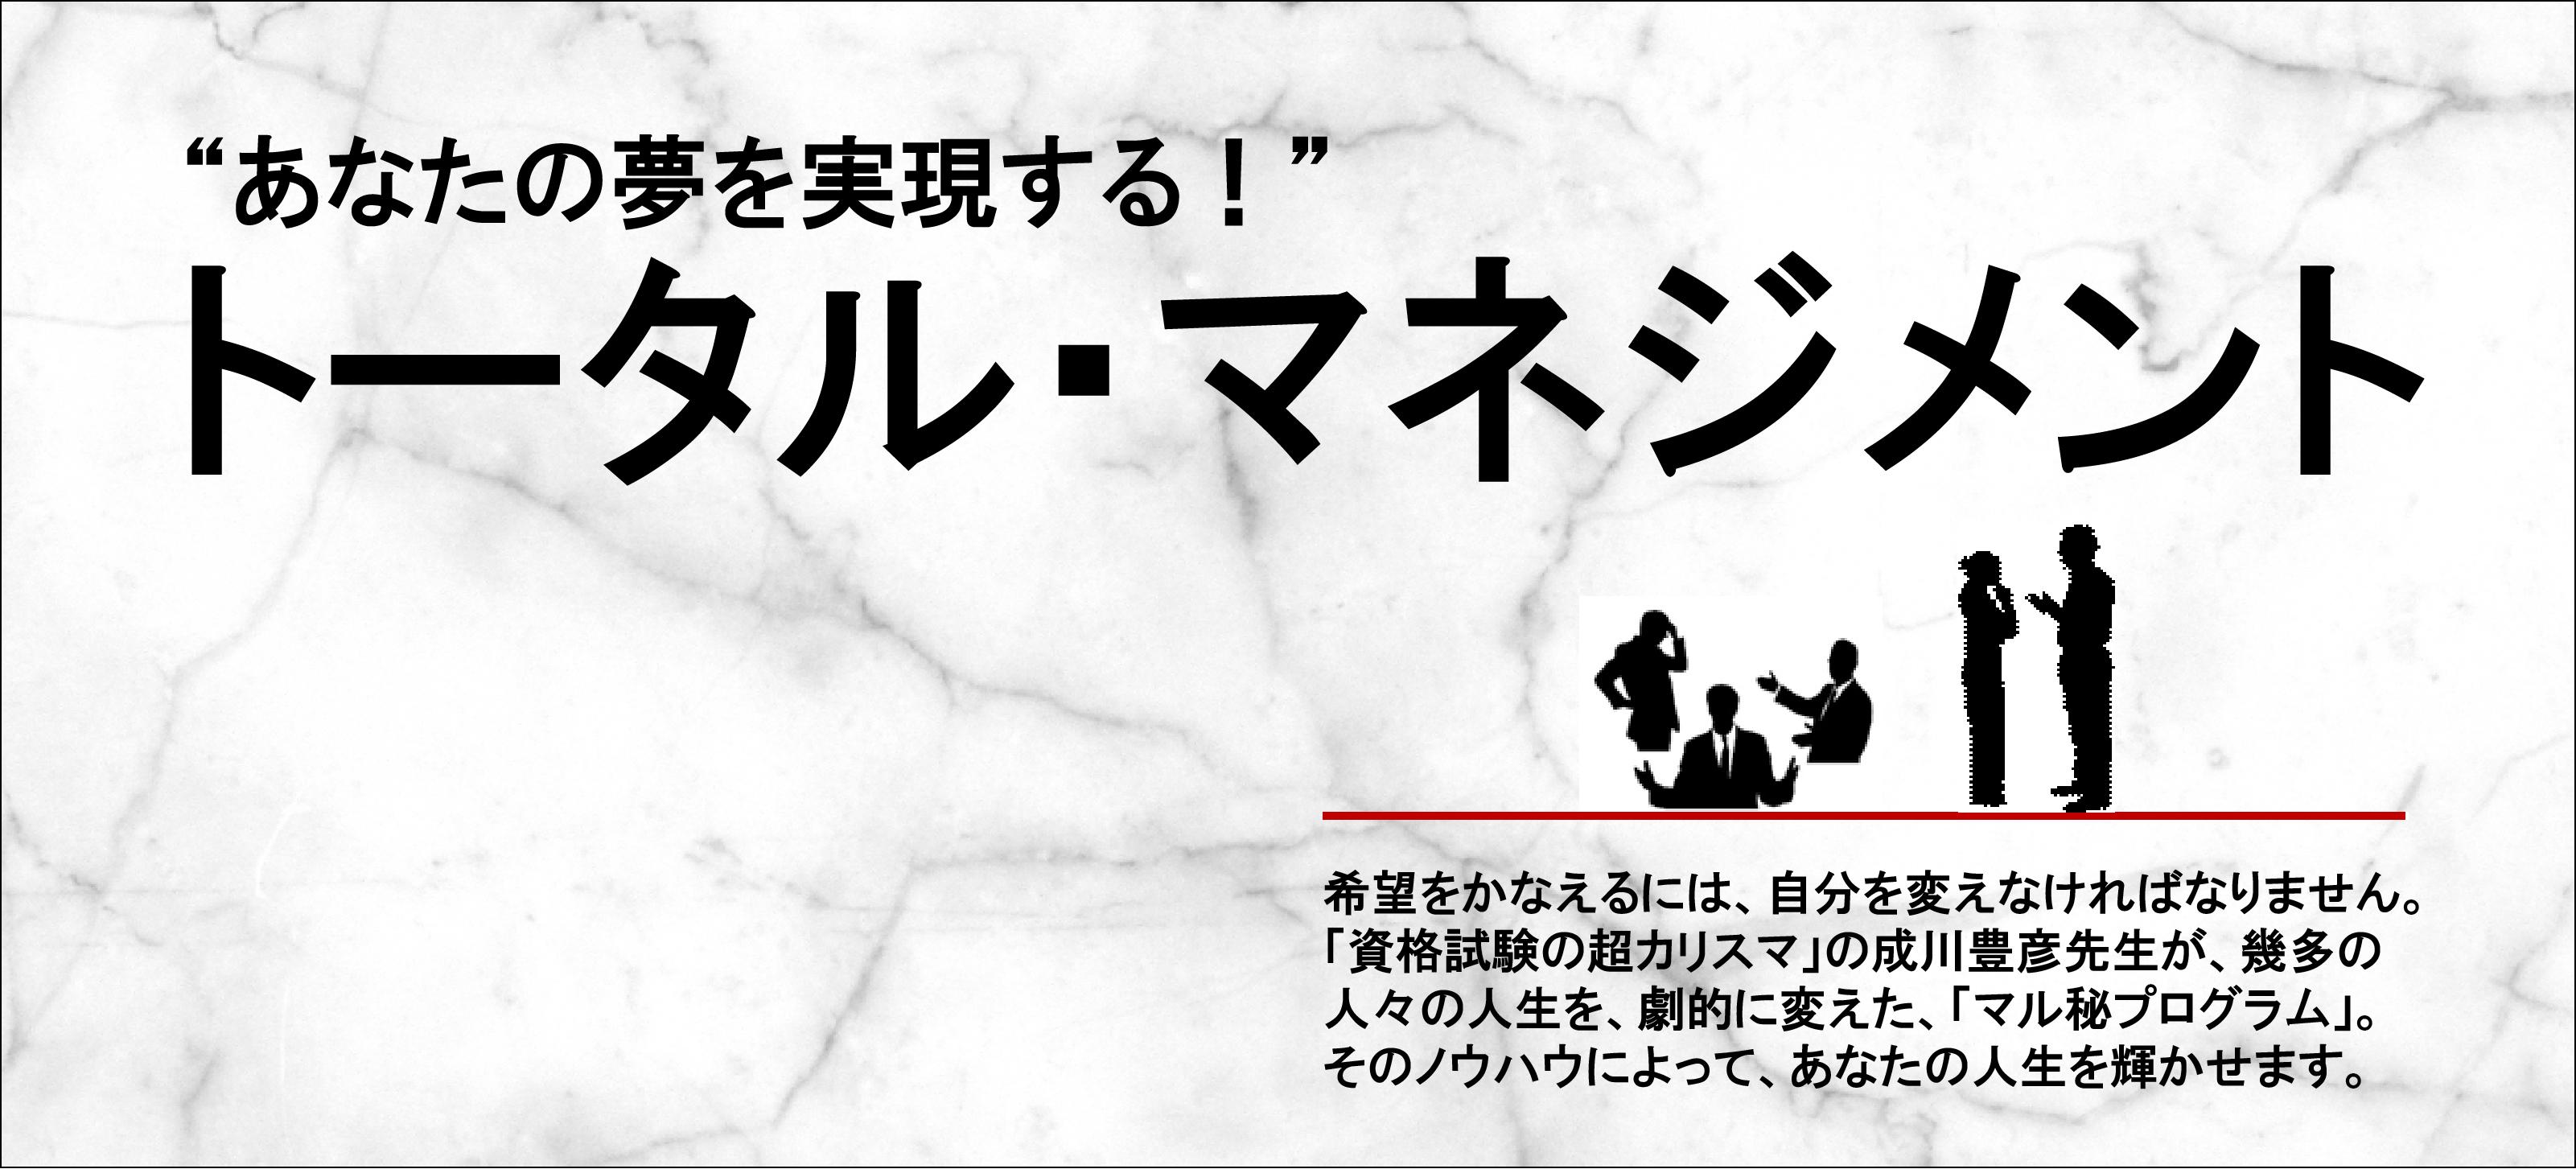 司法試験|予備試験|対策講座|成川豊彦先生|トータル・マネジメント